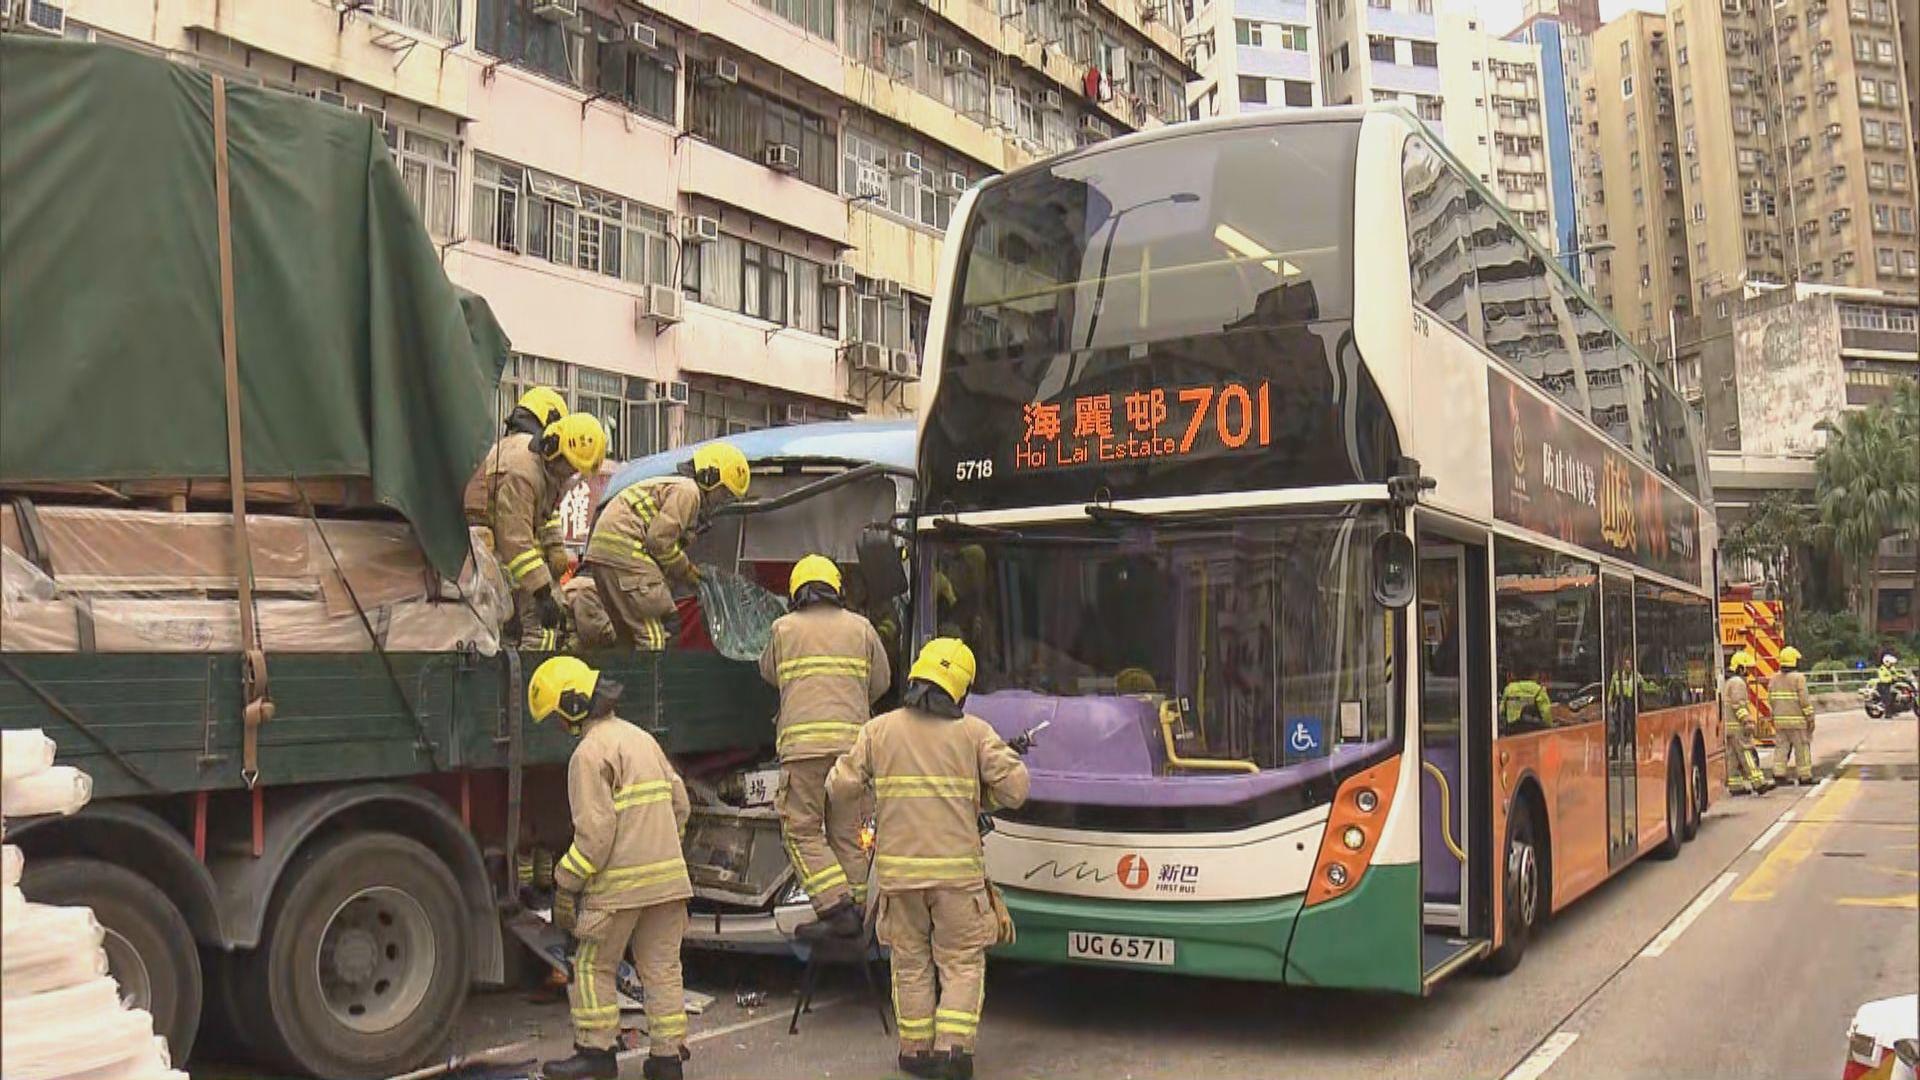 旺角過境旅遊巴涉連環車禍至少三傷